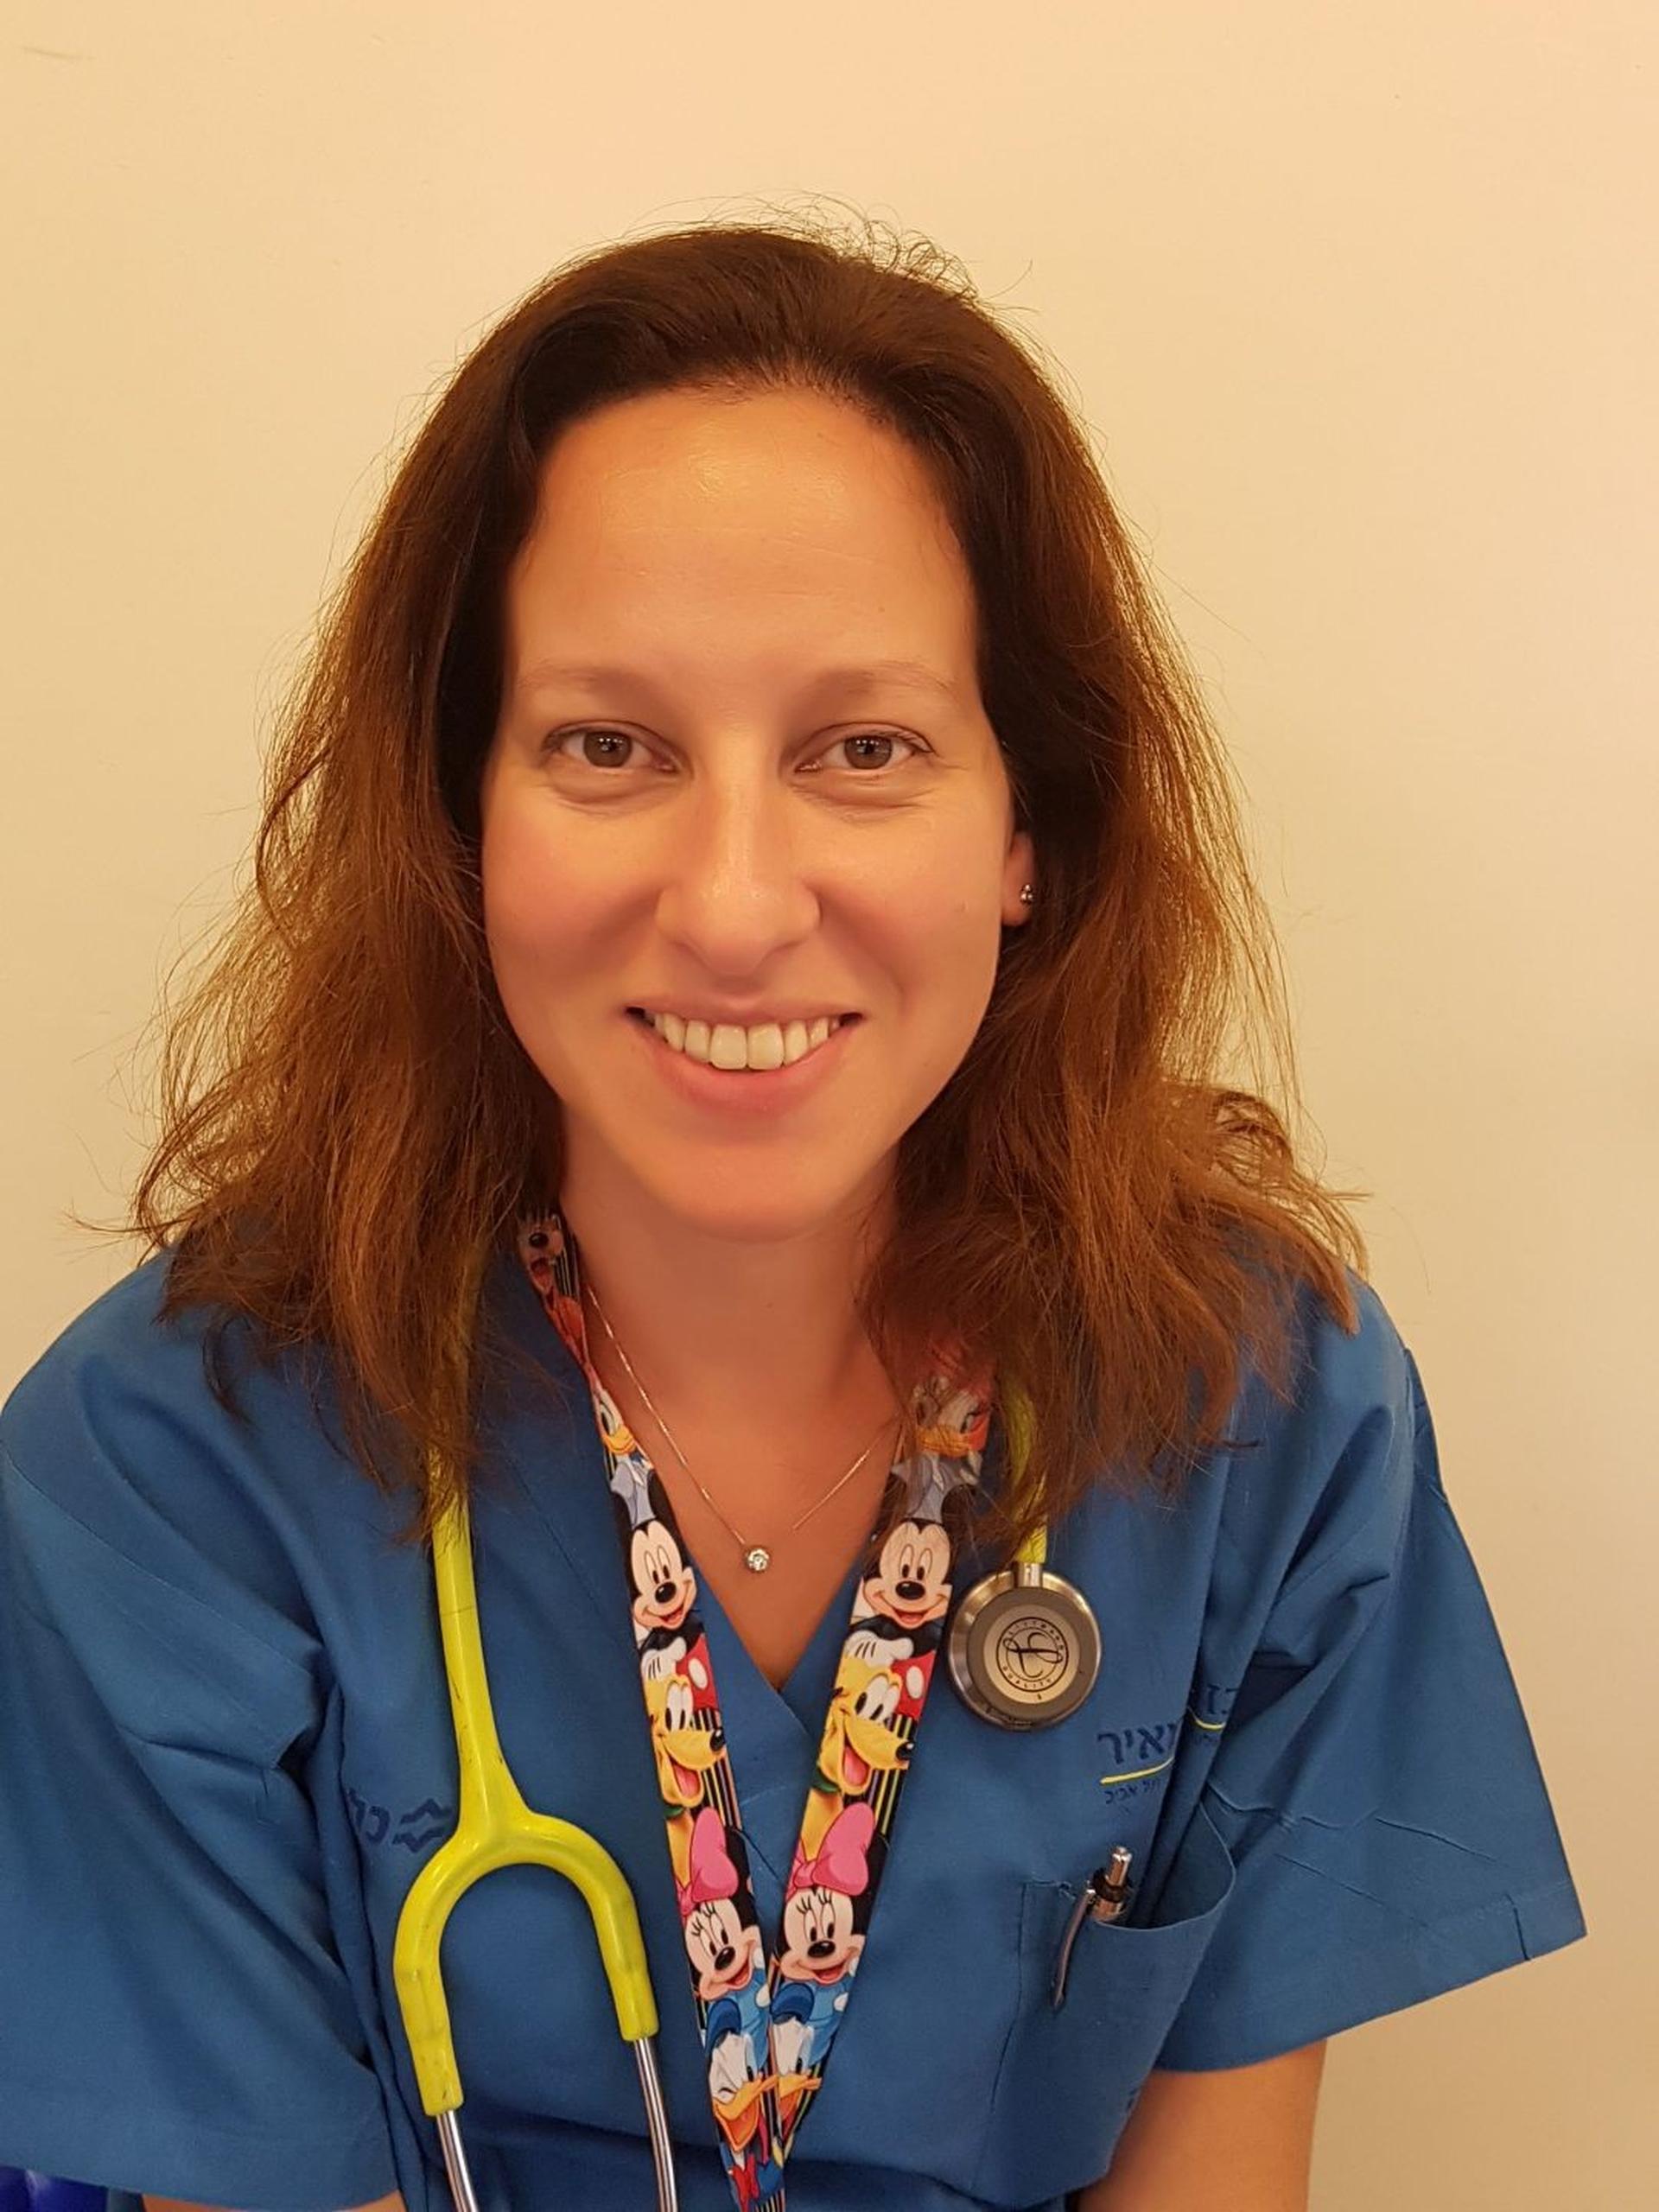 """ד""""ר הדס יחיעם, מומחית ברפואת ילדים ורופאה במיון ילדים בבית חולים מאיר מקבוצת כללית"""